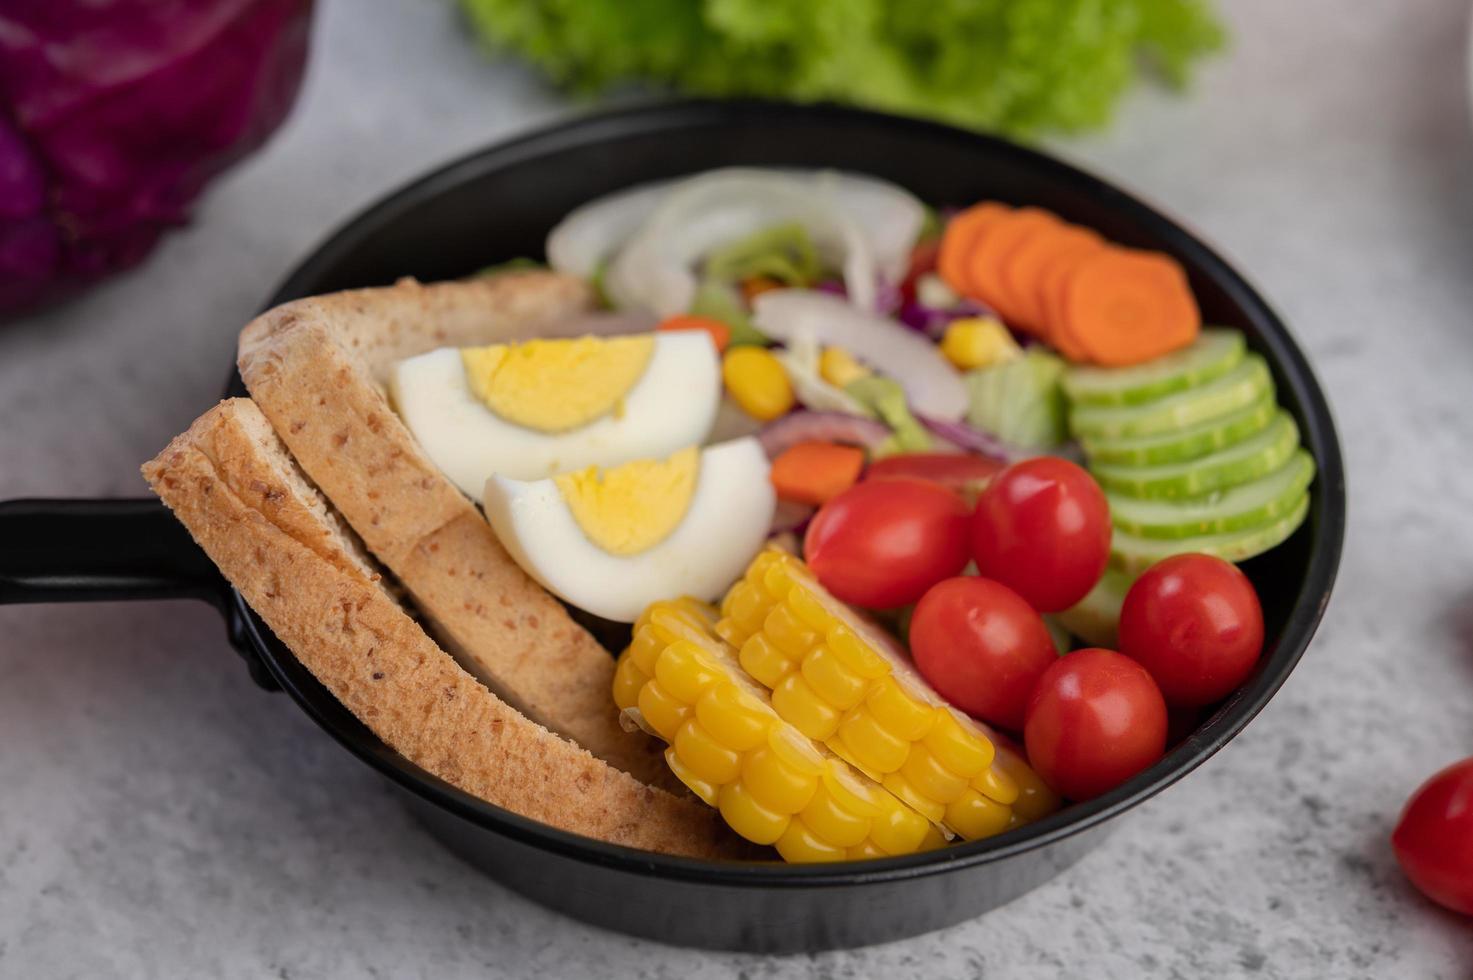 salade de légumes avec du pain et des œufs durs photo